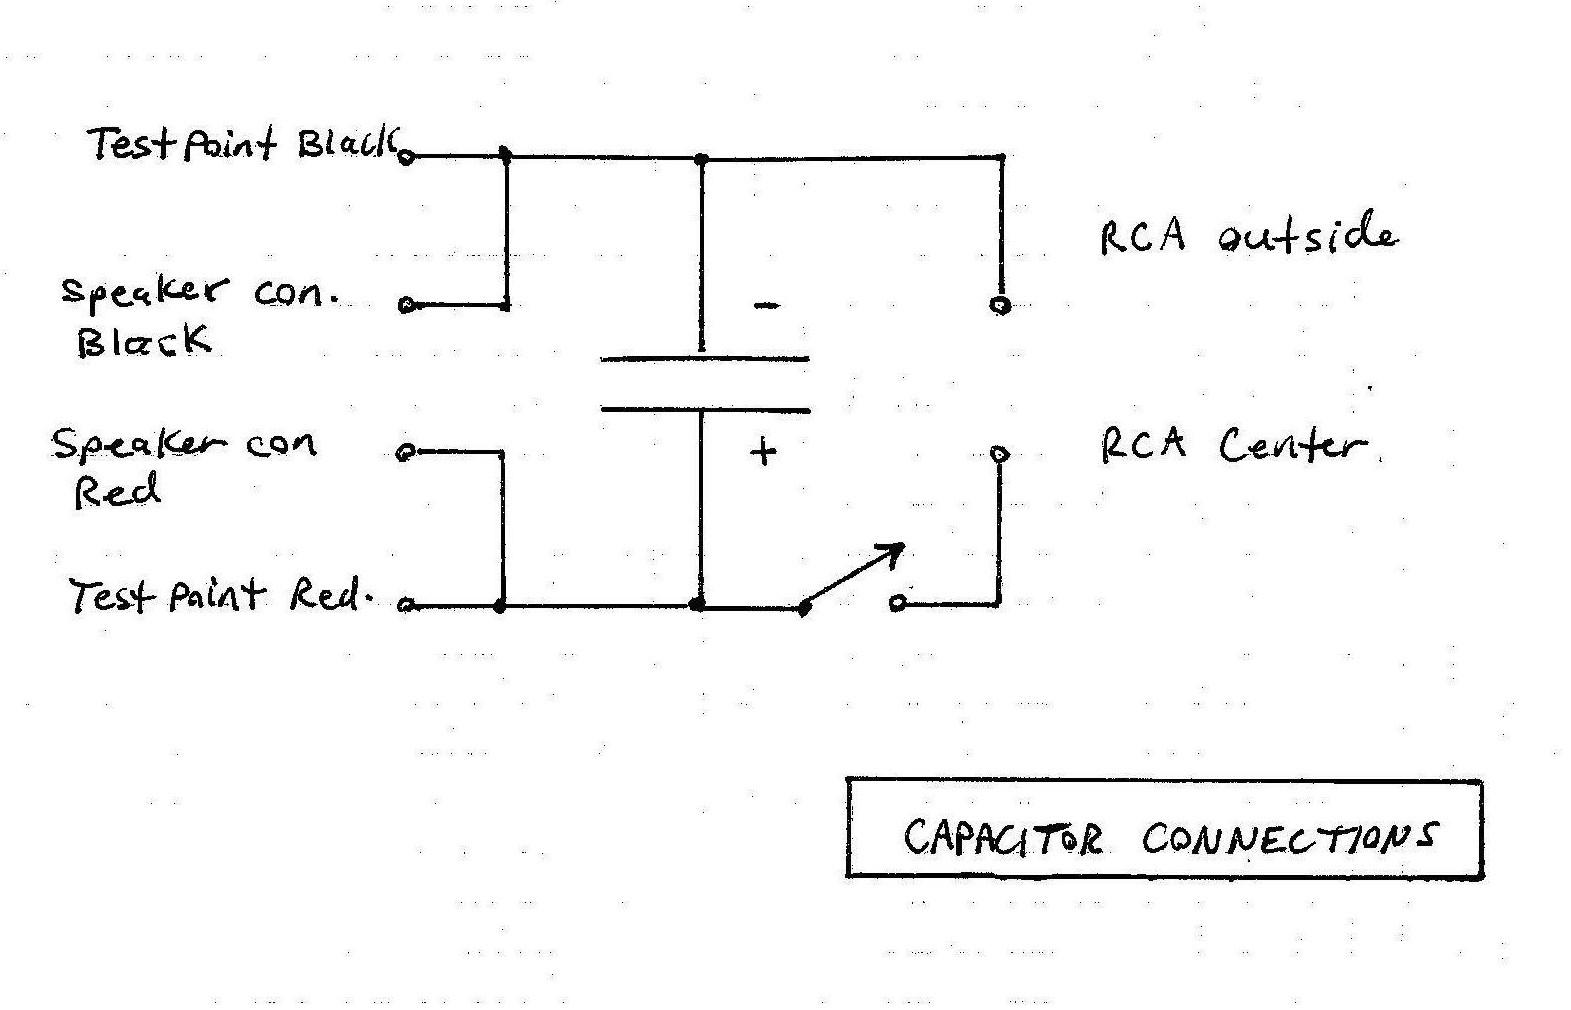 medium resolution of 2600 farad capacitor flashlight